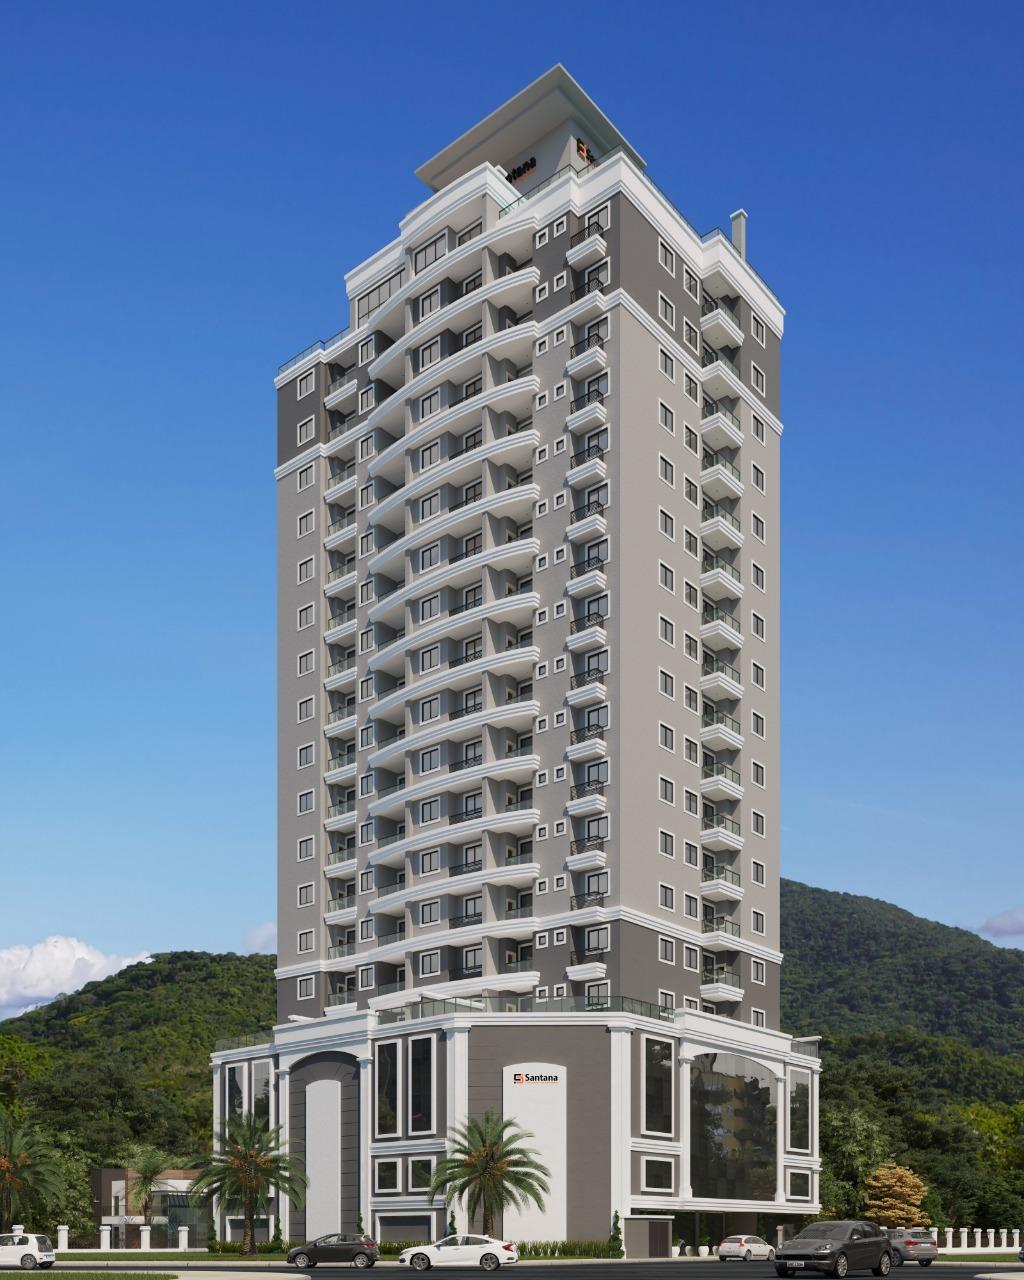 APARTAMENTO com 2 dormitórios à venda por R$ 520.625,49 - ITAPEMA / SC